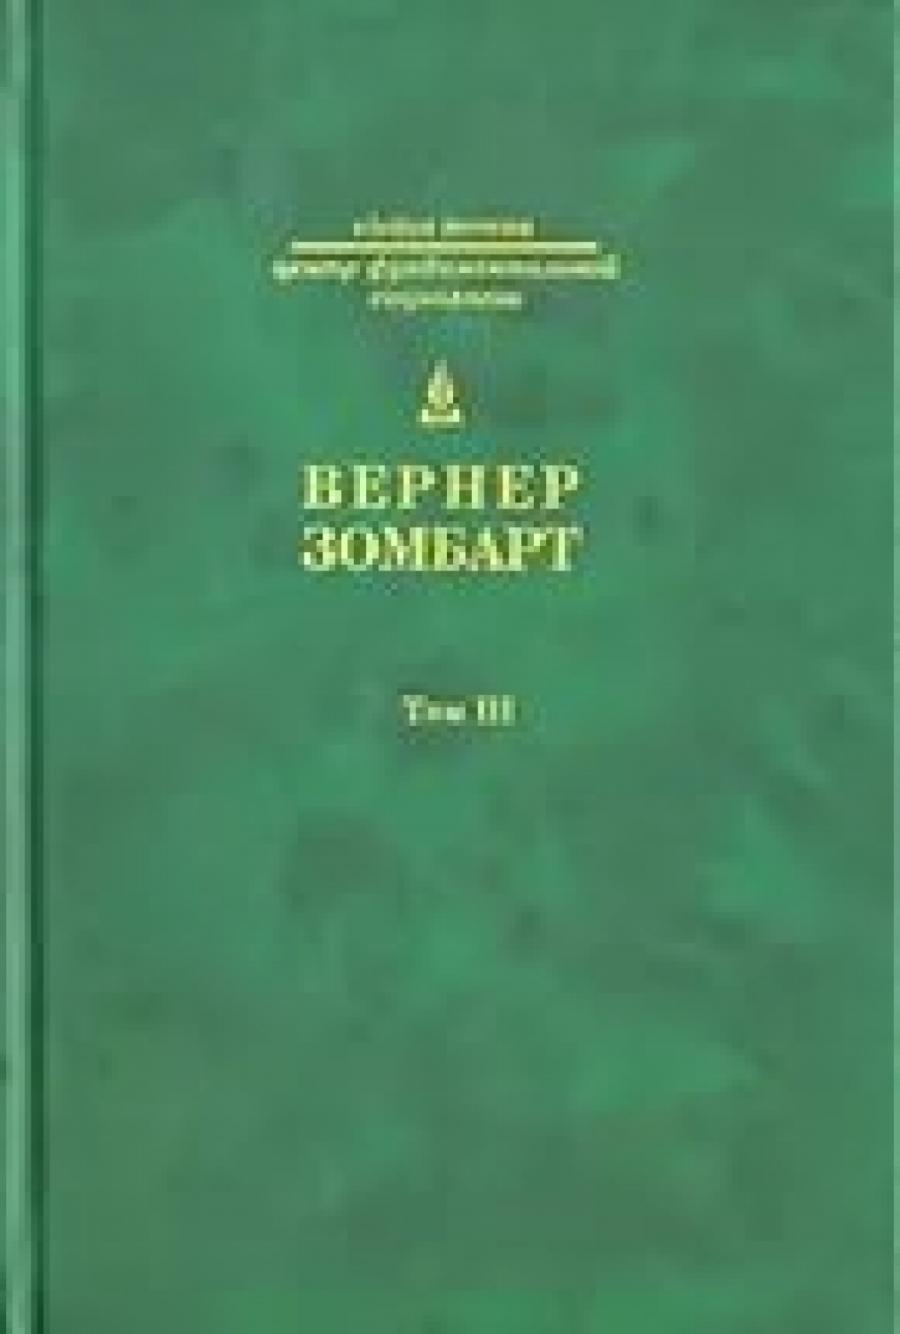 Обложка книги:  зомбарт в. - собрание сочинений в 3 томах